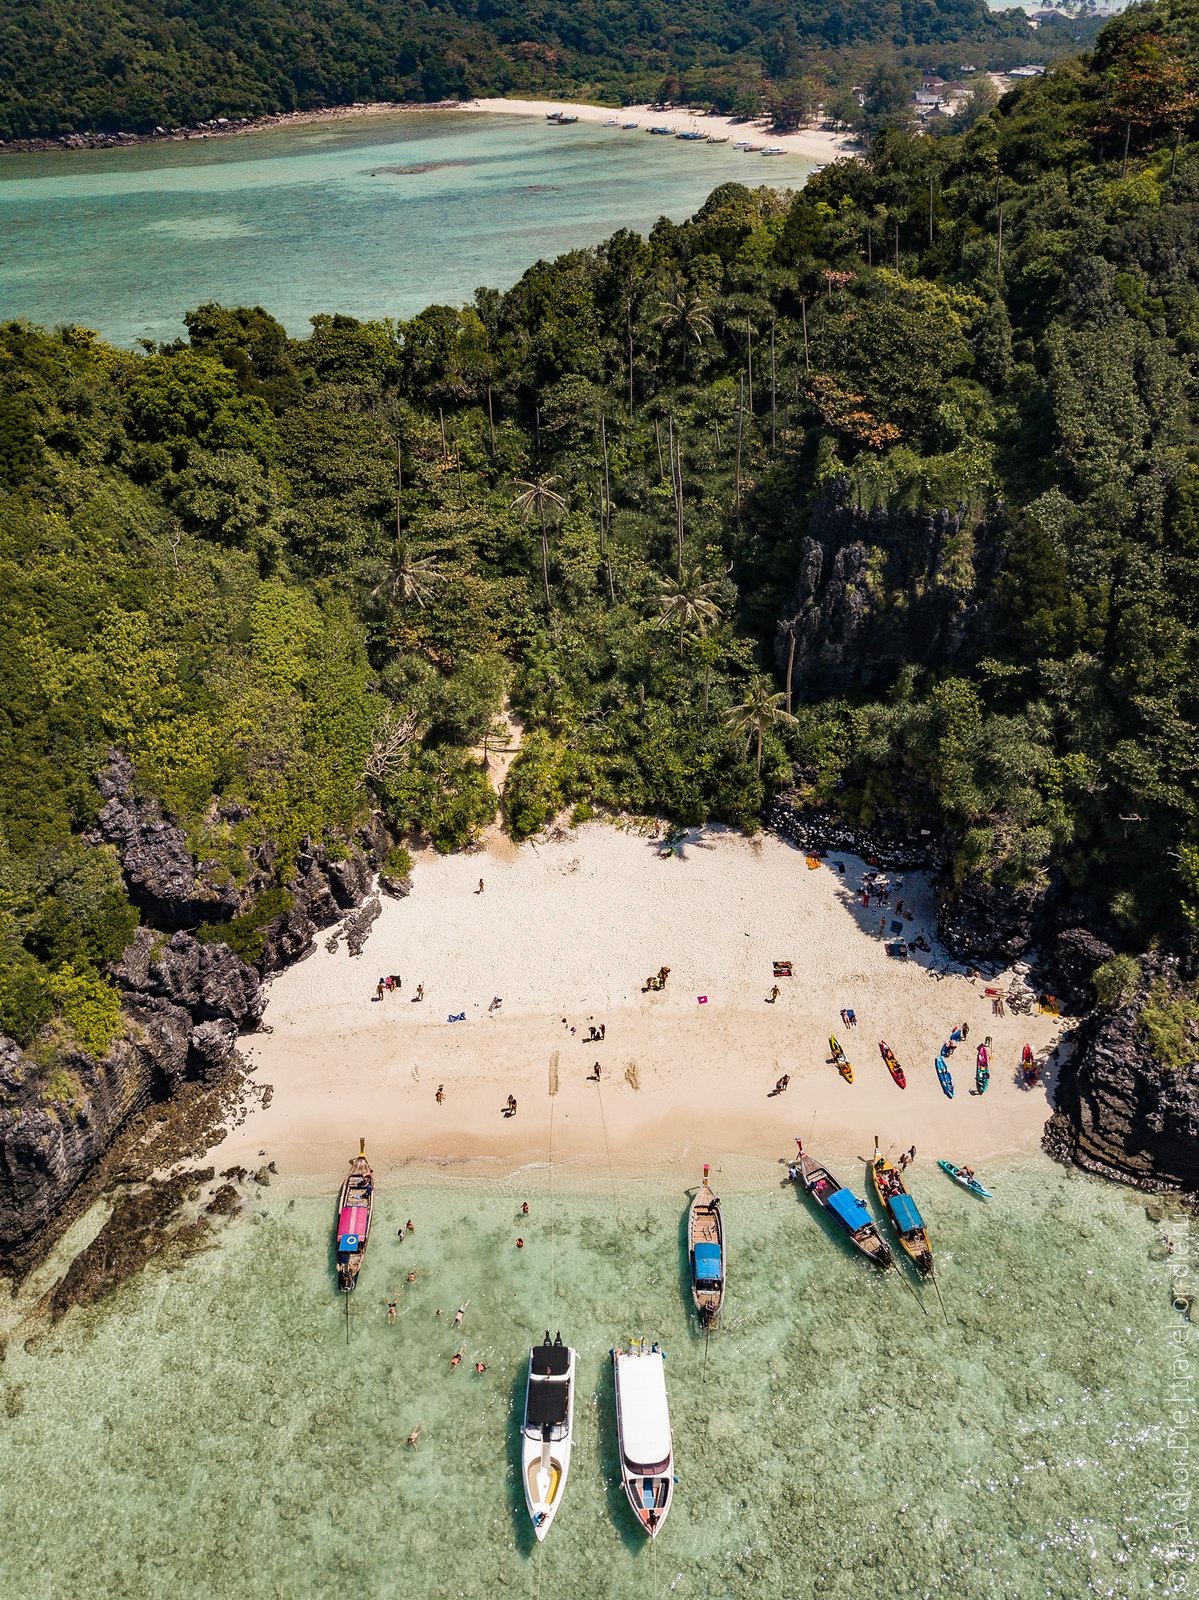 острова-пхи-пхи-phi-phi-islands-0084